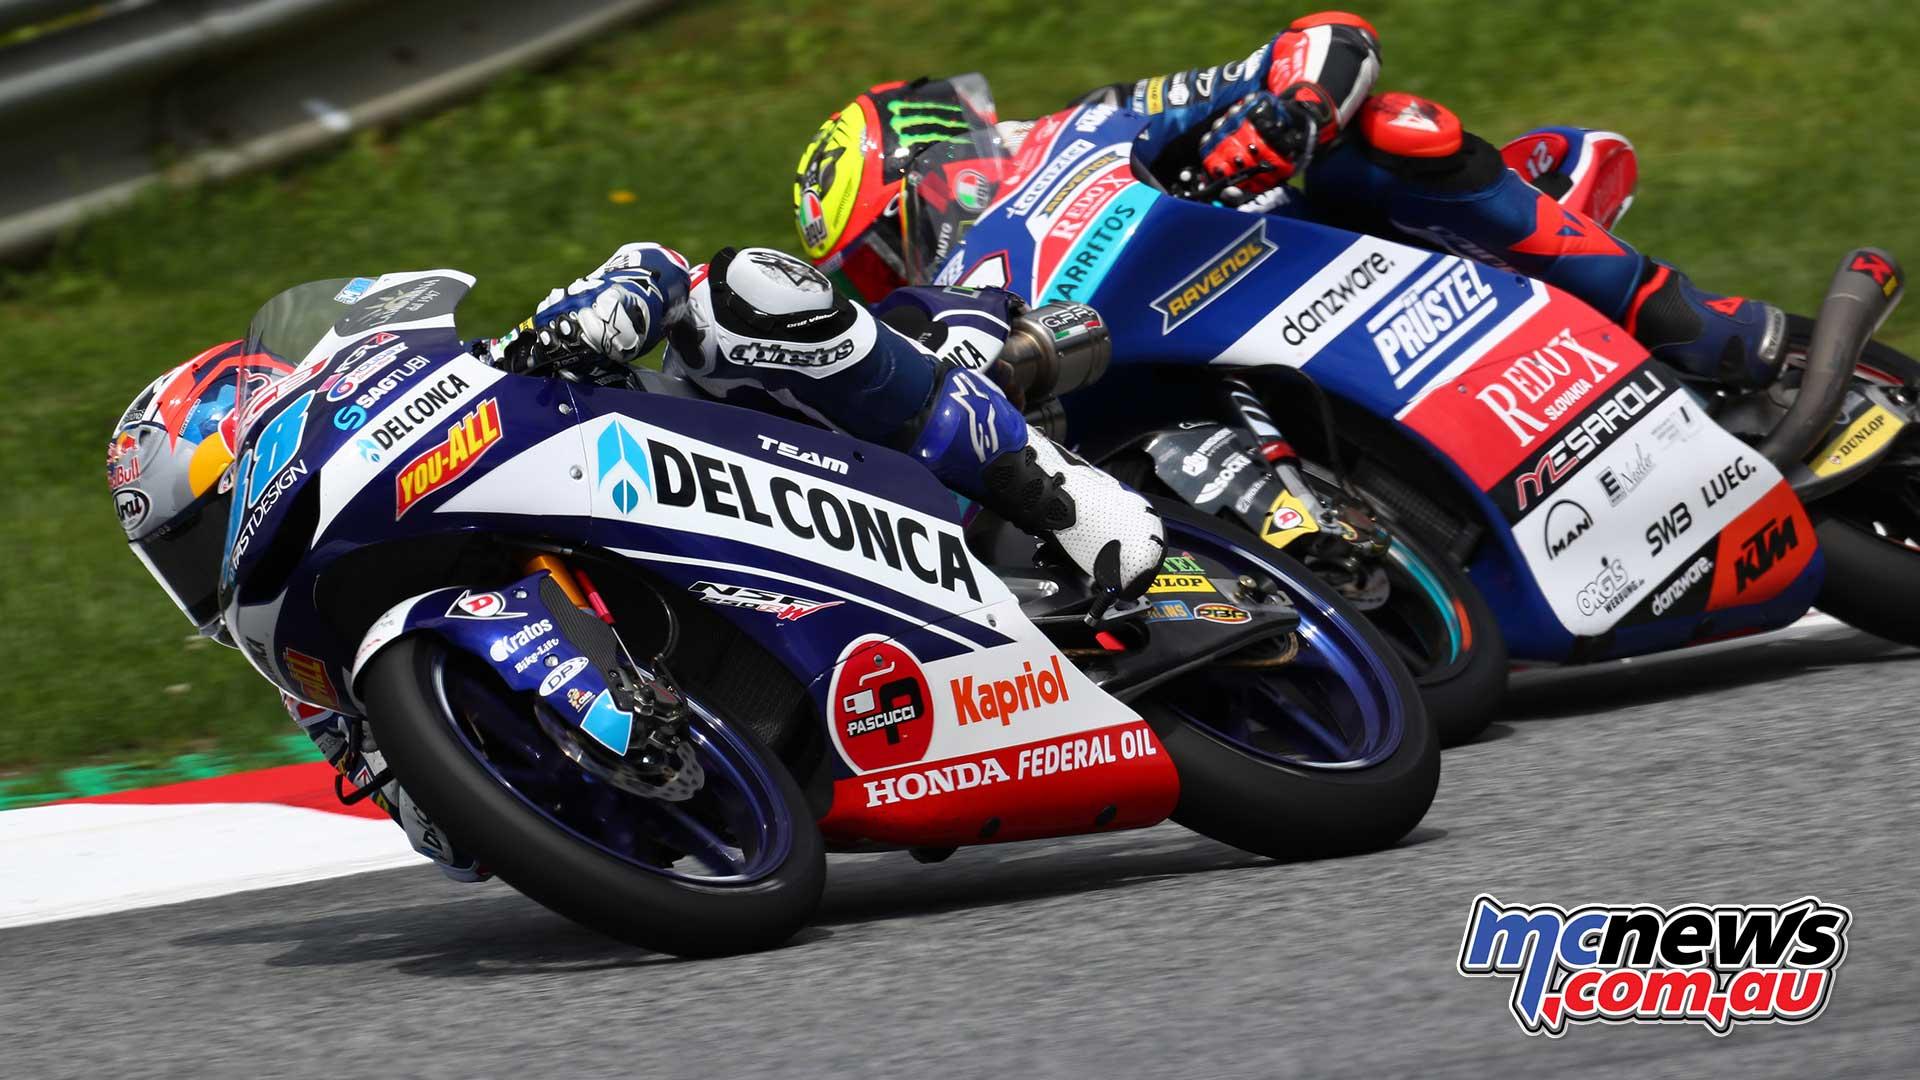 2018 Red Bull Ring MotoGP   Moto2/Moto3 Images   MCNews.com.au